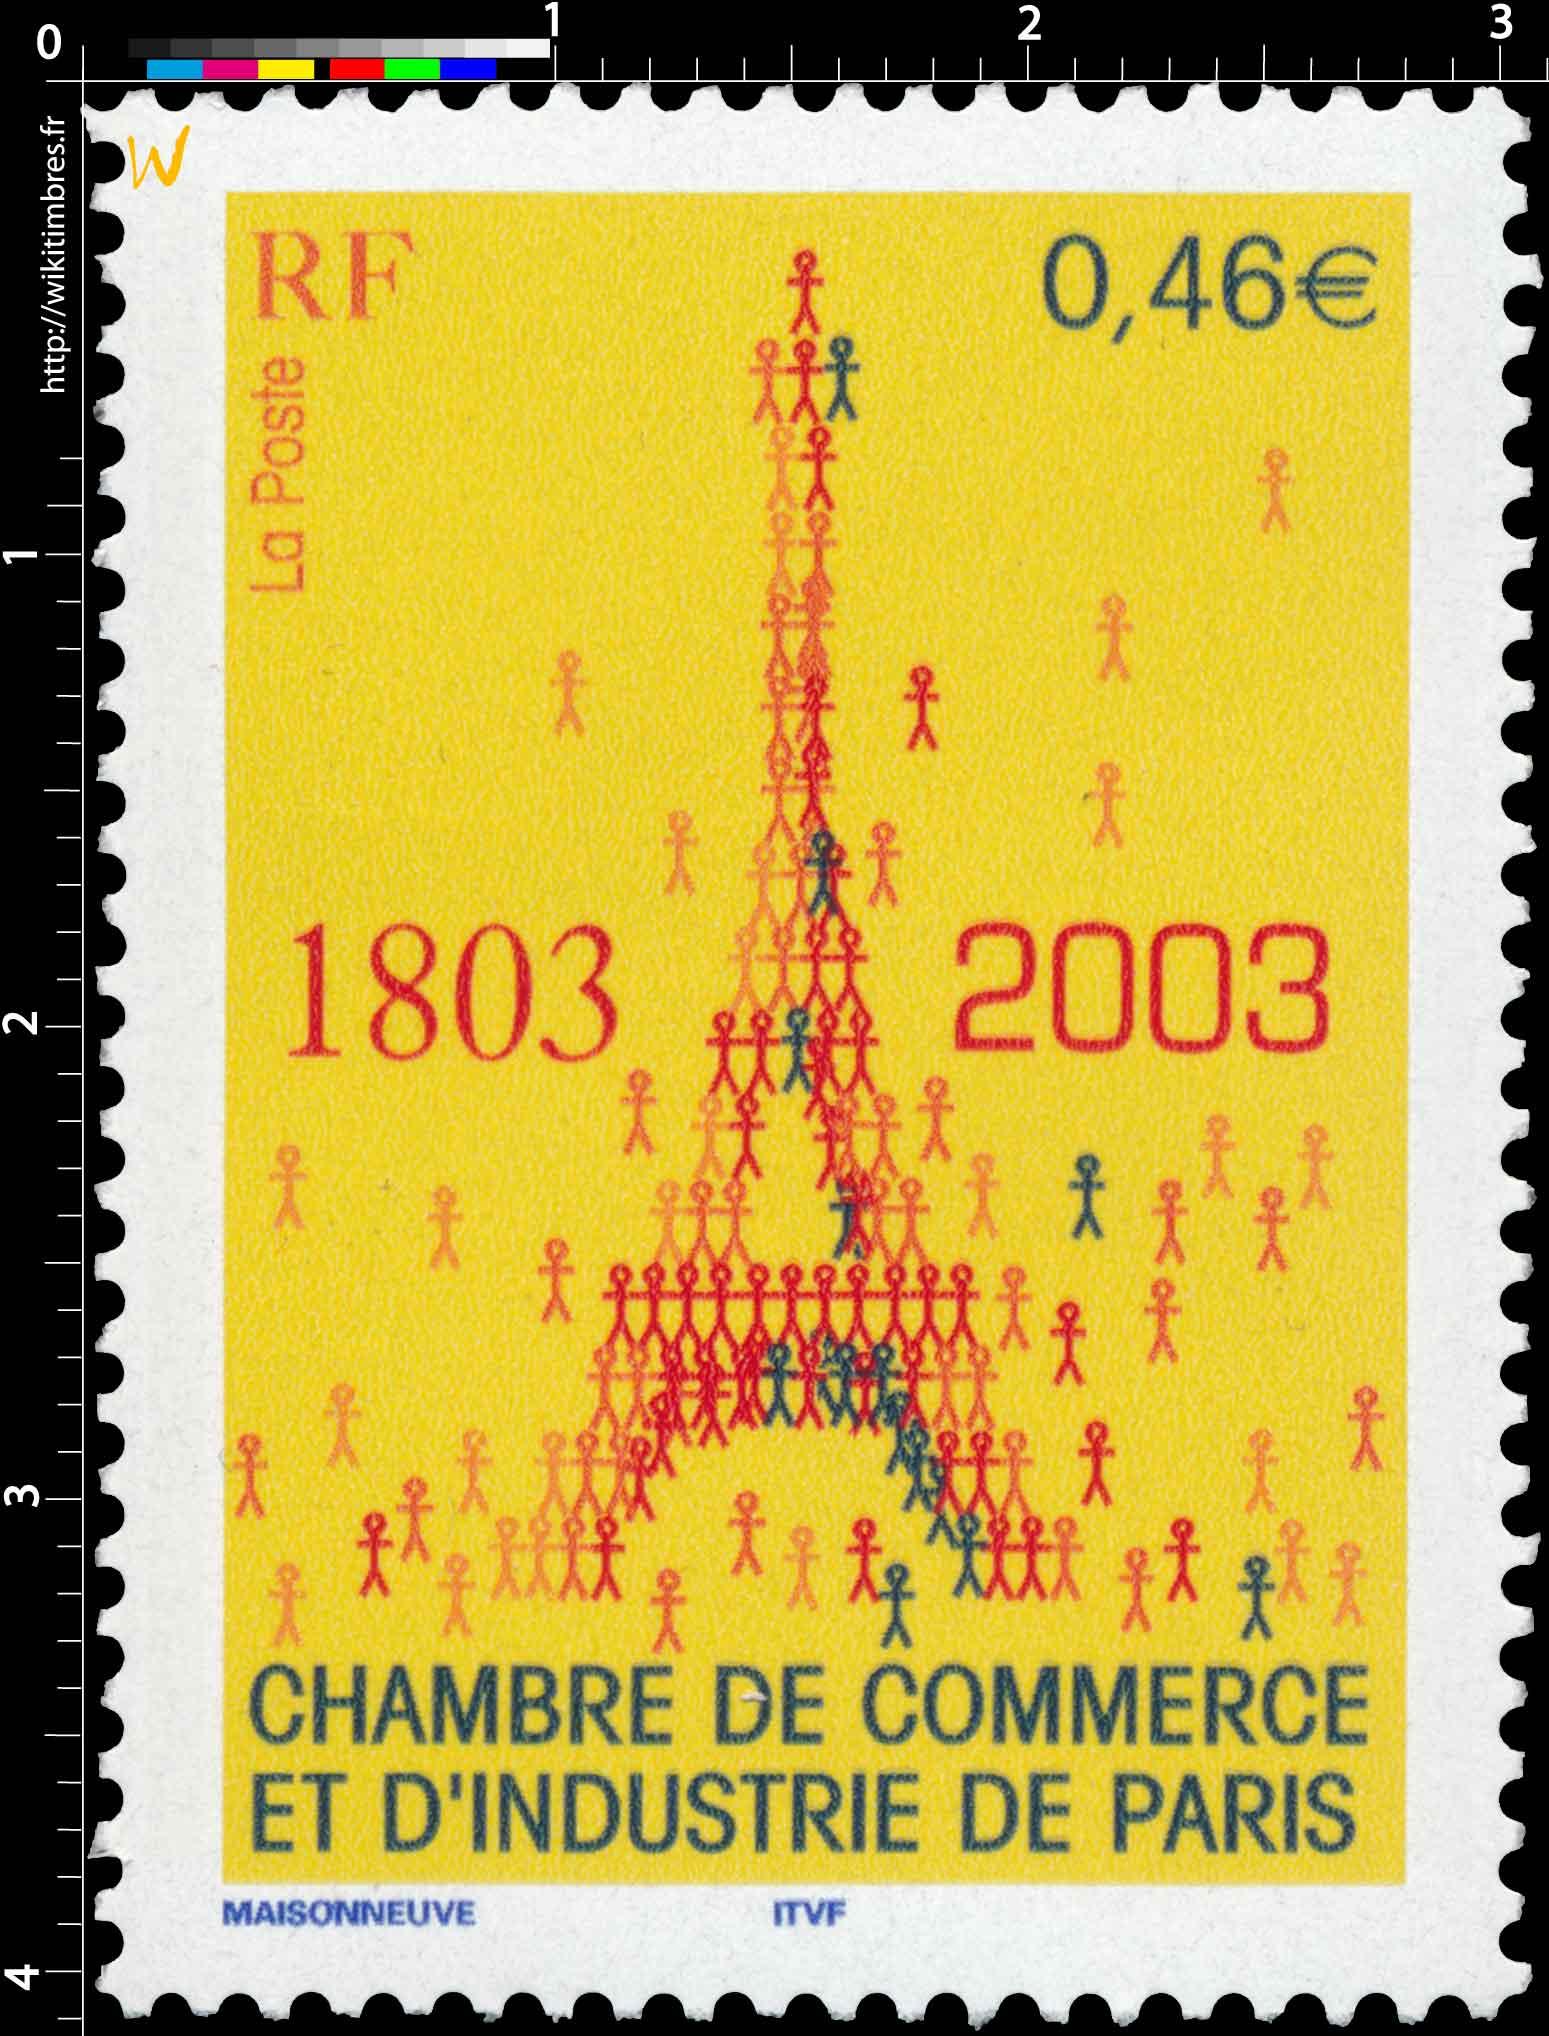 Visuel hd de chambre de commerce et d 39 industrie de paris for Chambre commerce industrie paris